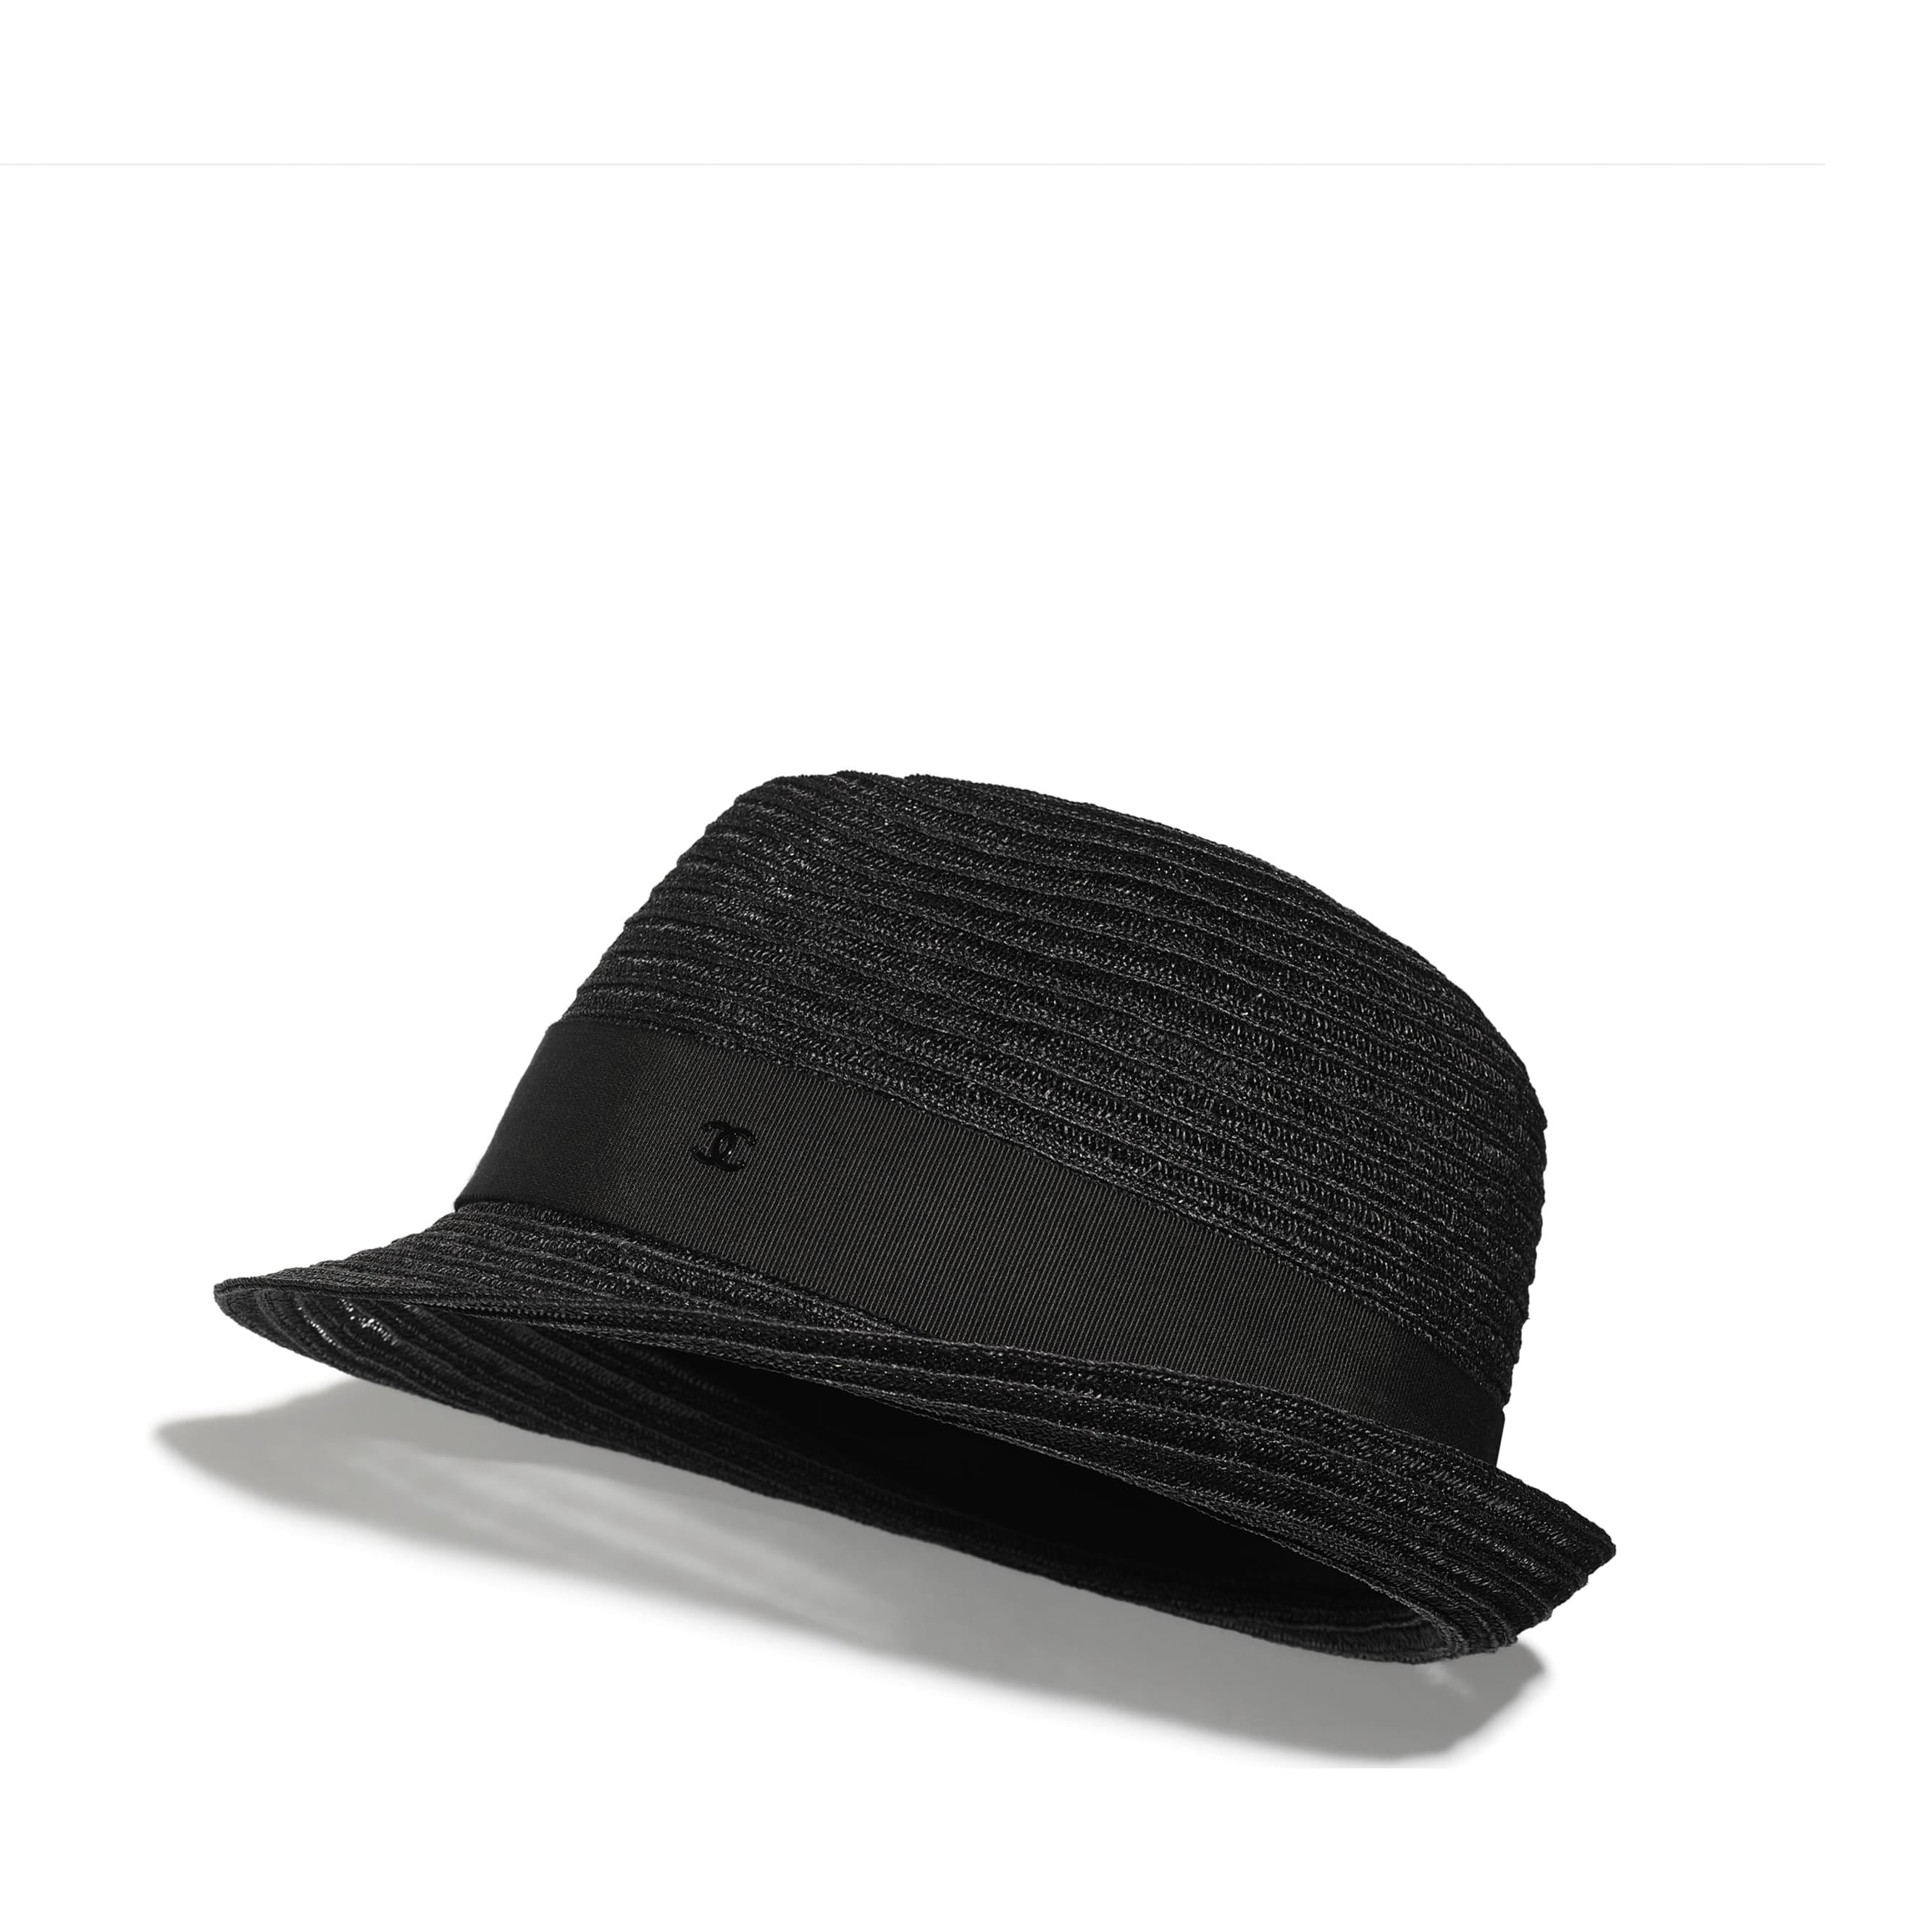 帽類 - 黑 - 草編 & 羅緞 - CHANEL - 預設視圖 - 查看標準尺寸版本